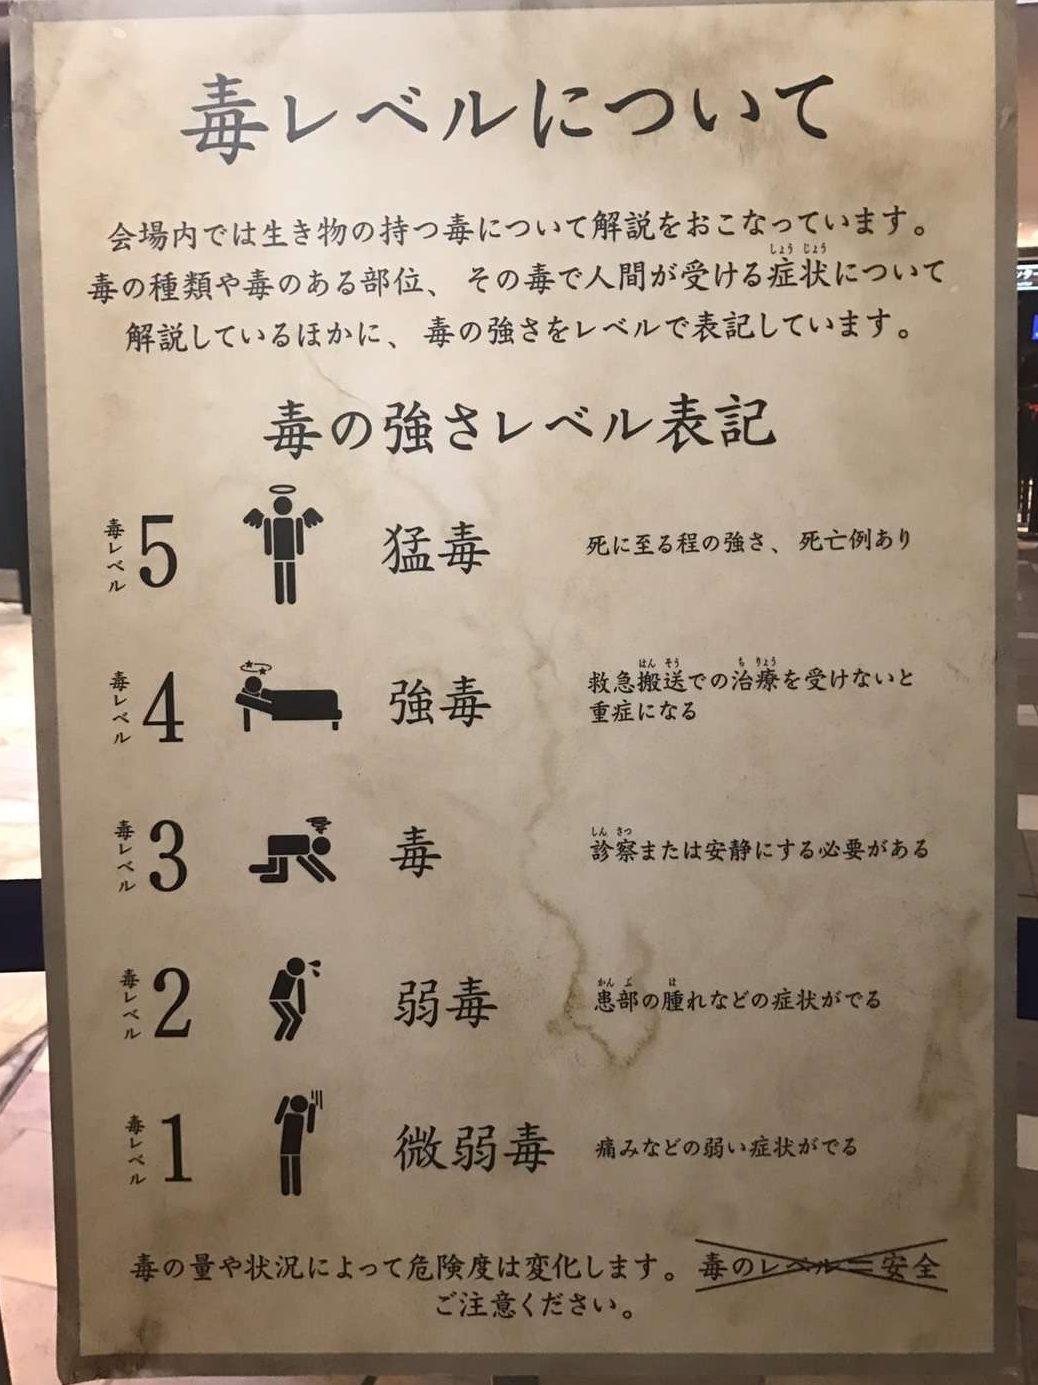 サンシャイン水族館の「毒毒毒毒毒毒毒毒毒展・痛(猛毒展2)」に行ってきました!